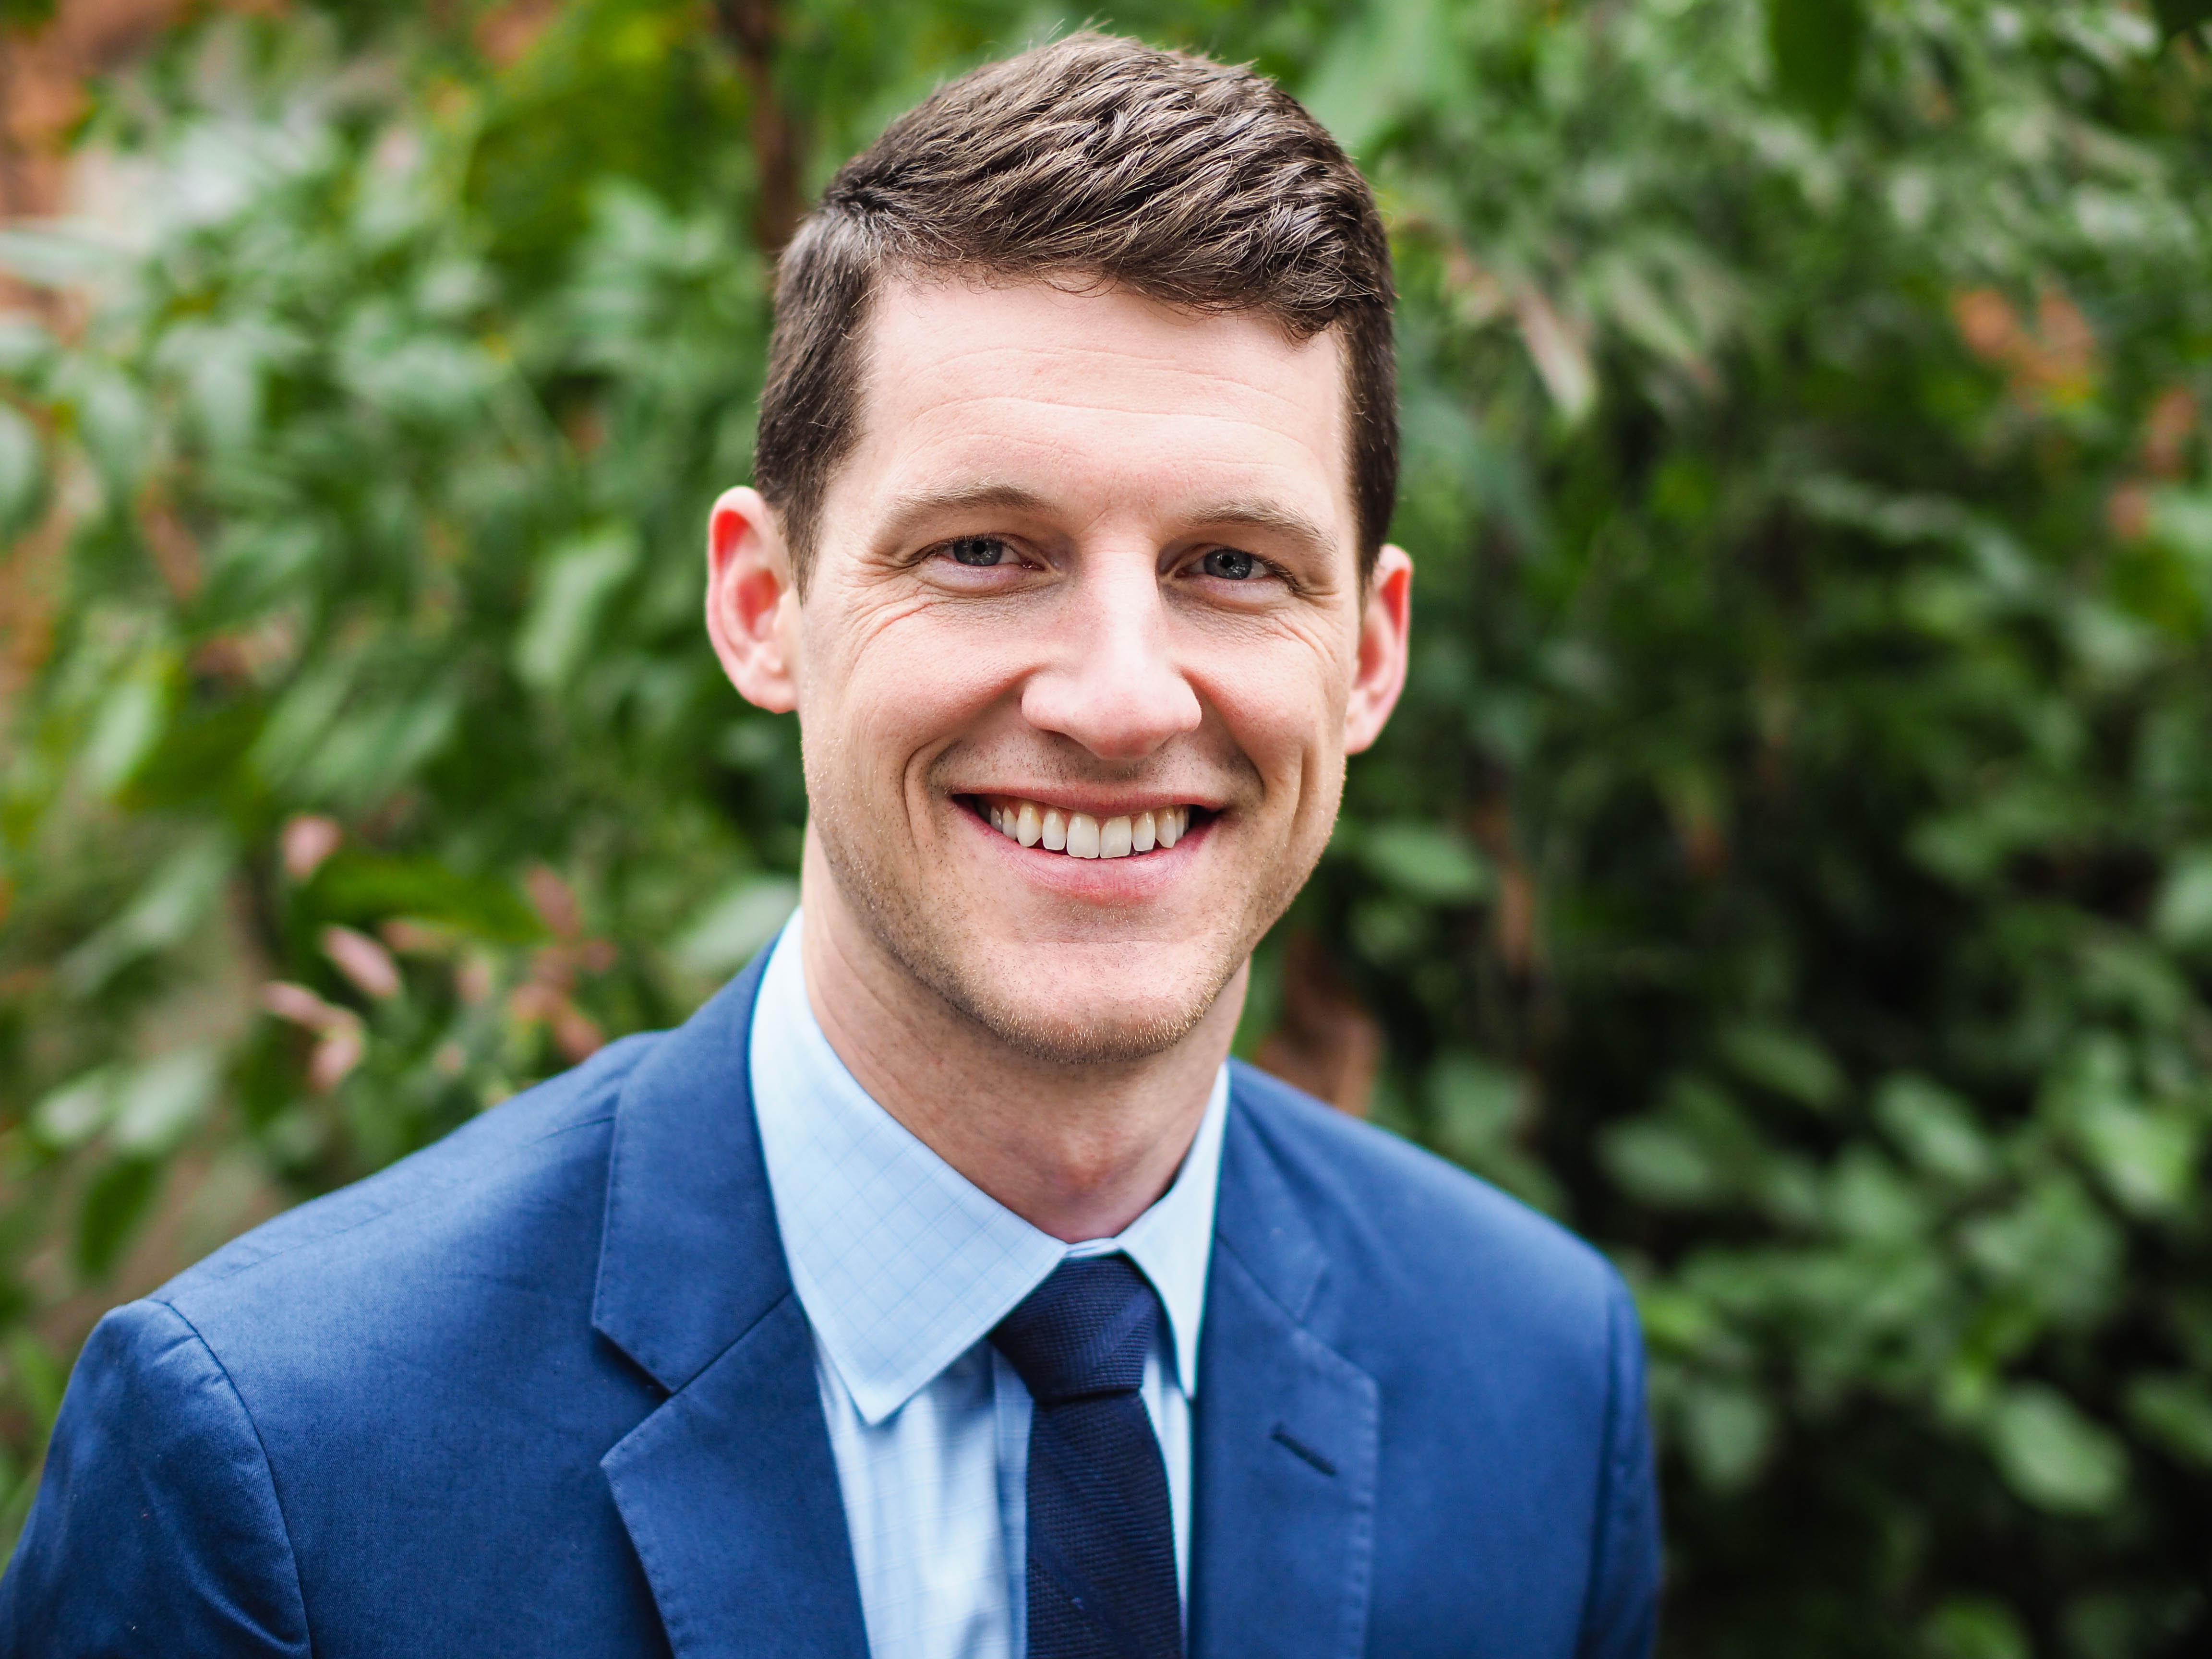 Ryan Donahue